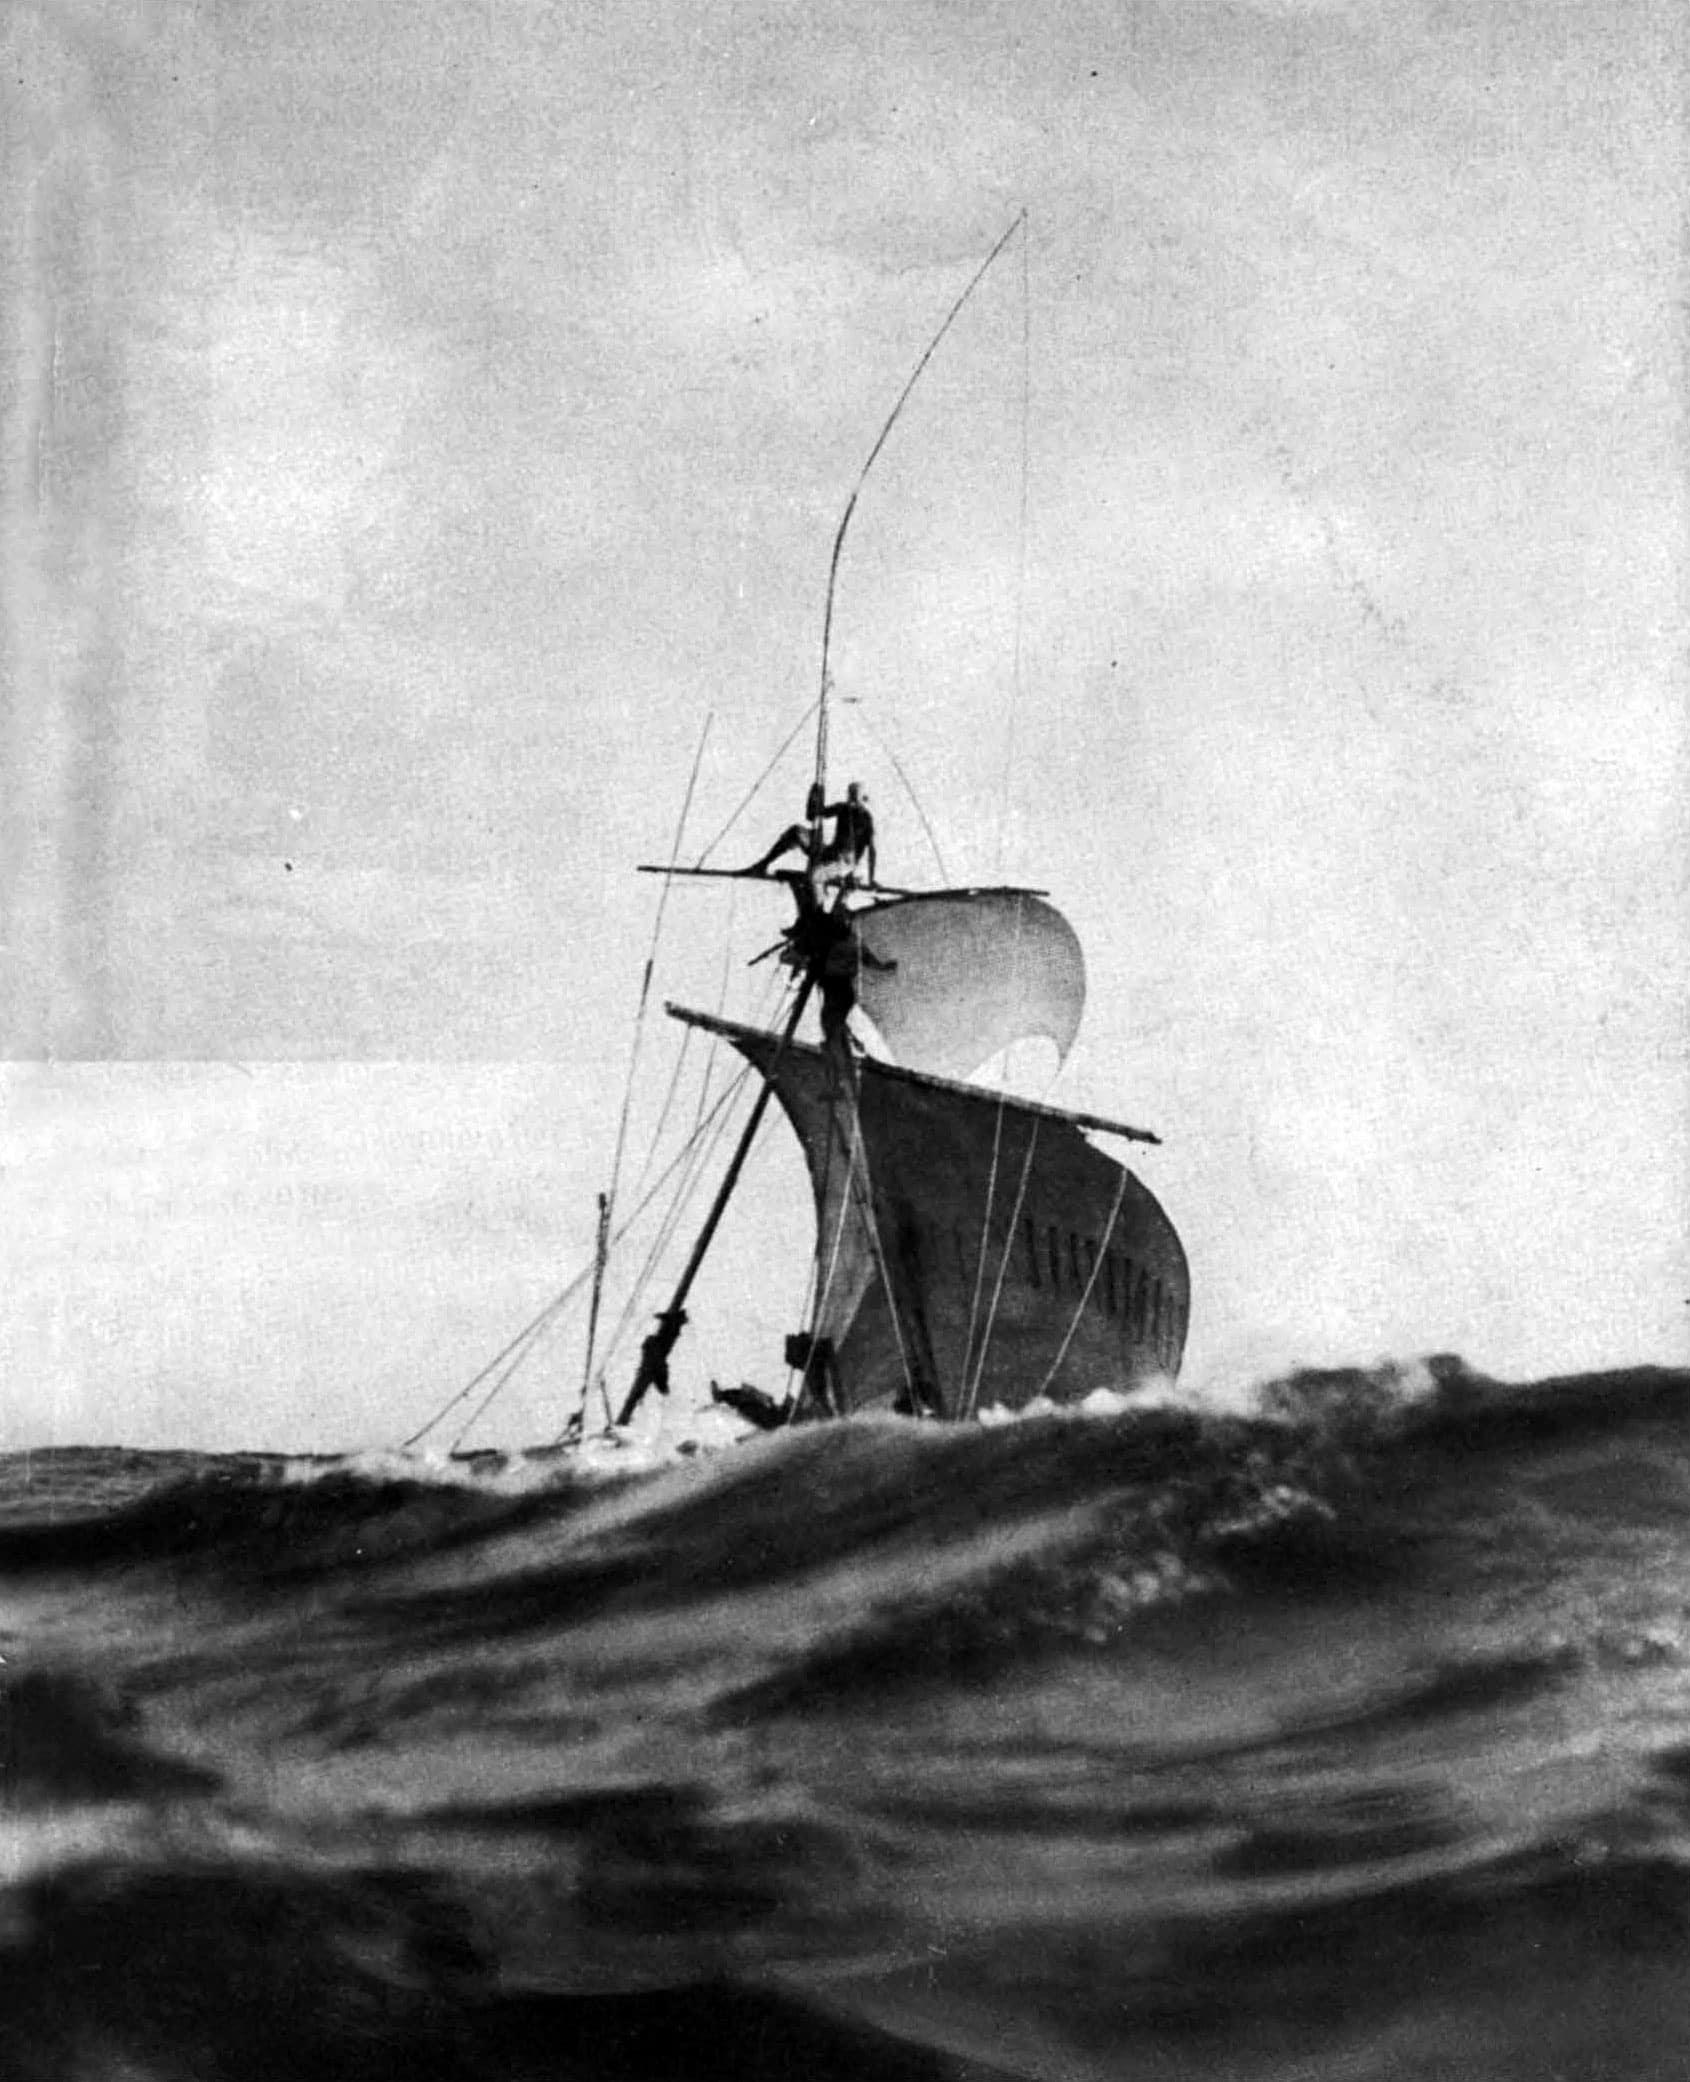 Kon Tiki: Sea breeze